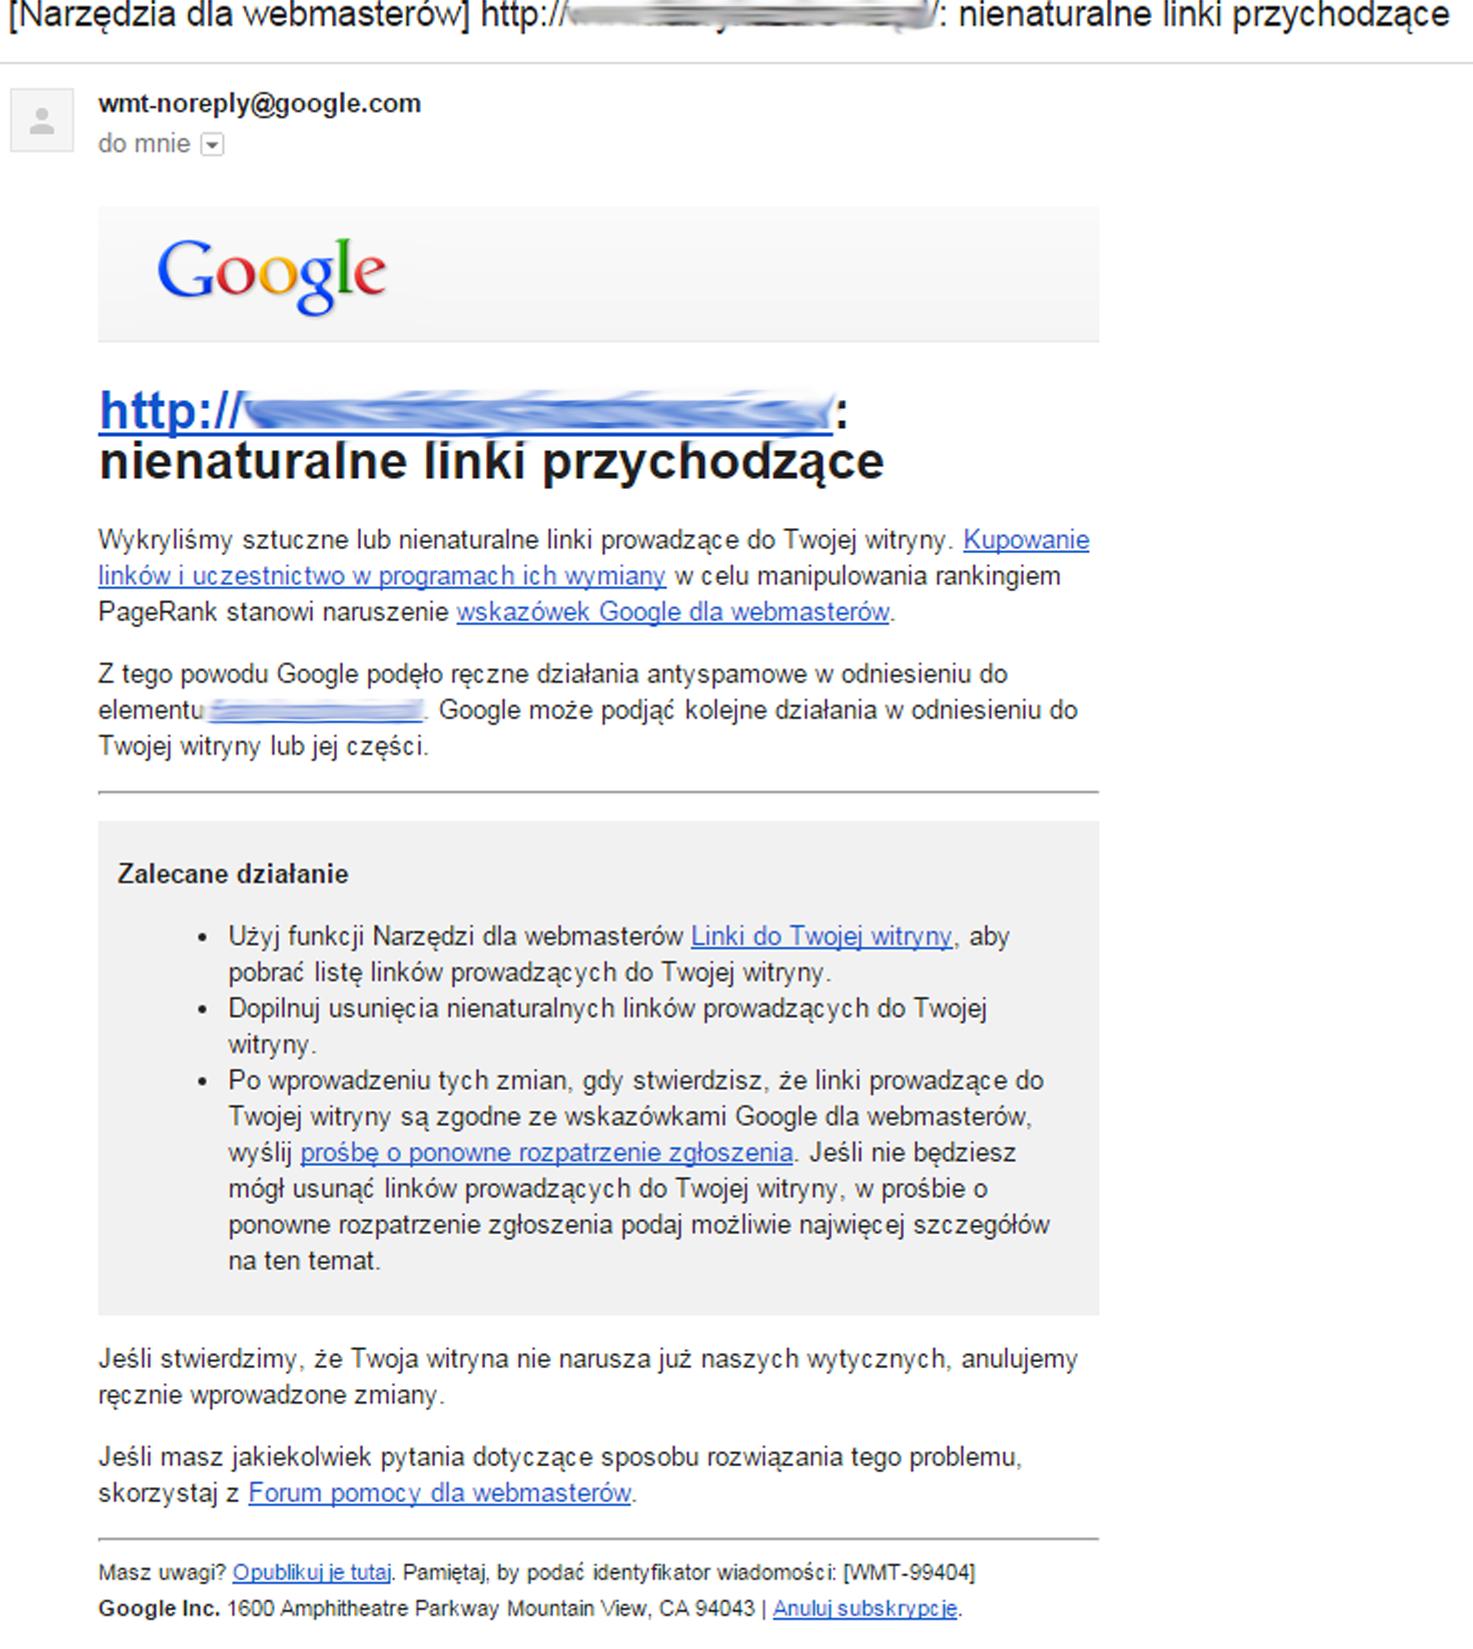 kara Google za linki przychodzące